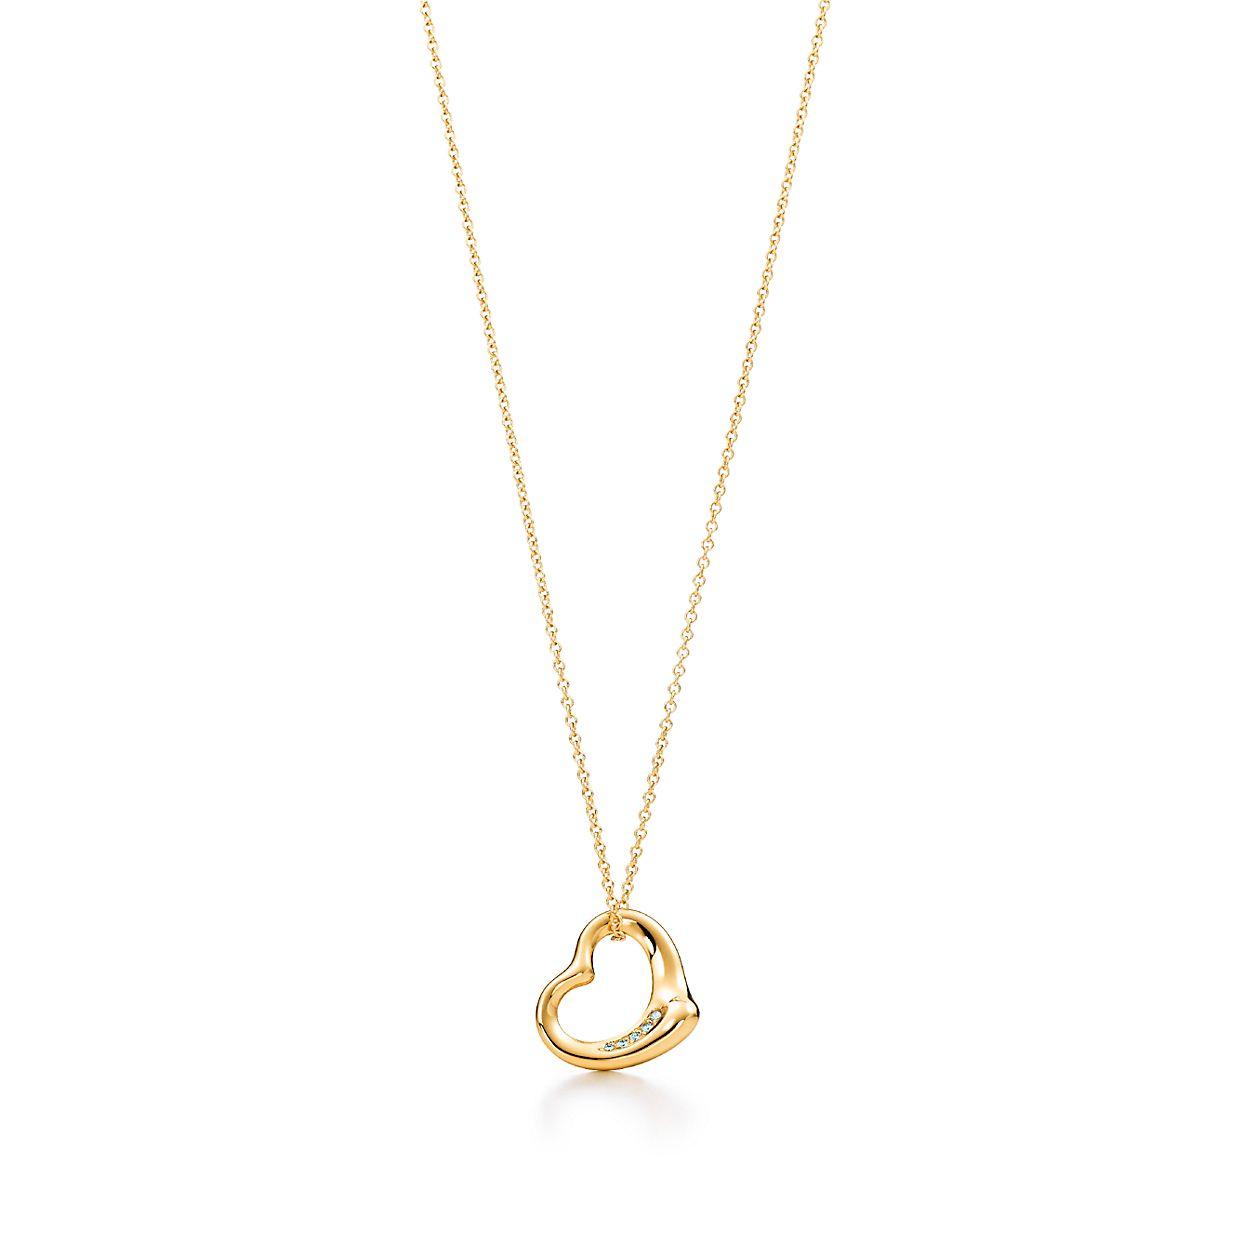 Elsa Peretti® Open Heart pendant in 18k gold with diamonds ...